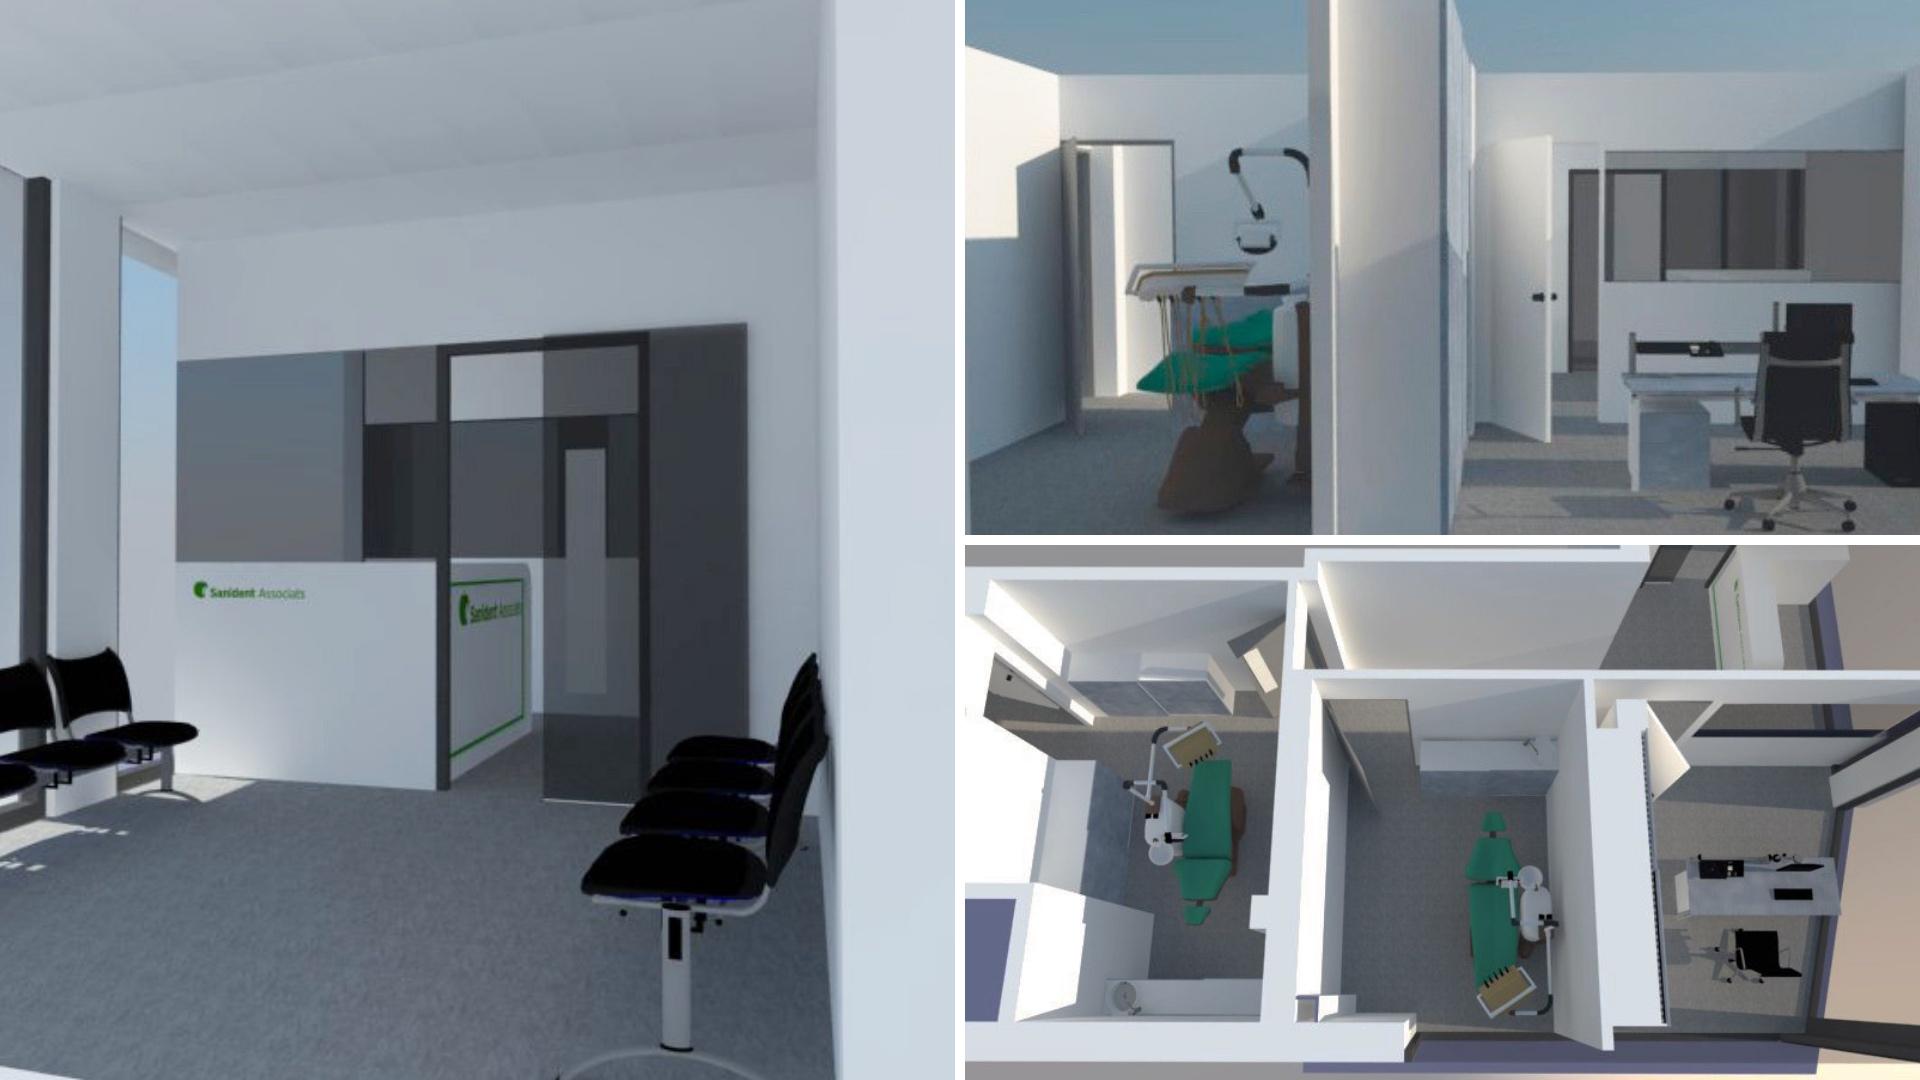 Centro médico en Sabadell renders